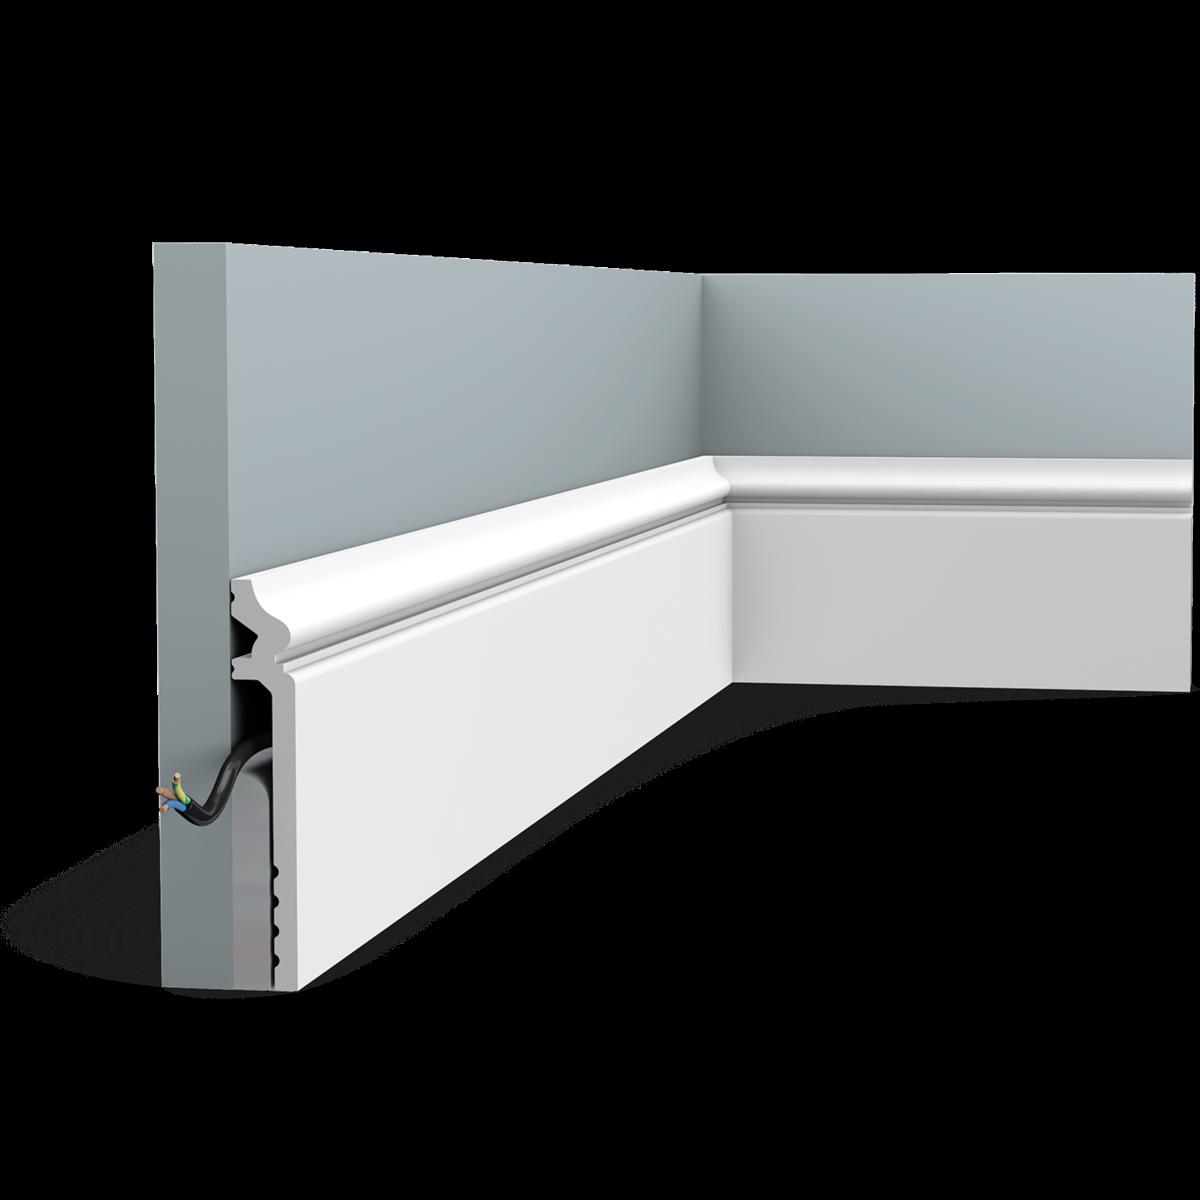 Corniche Polystyrène Pour Led sx186 contour surplinthe polymère orac decor axxent - 13,8x2,2x200cm (h x p  x l) plinthe décorative